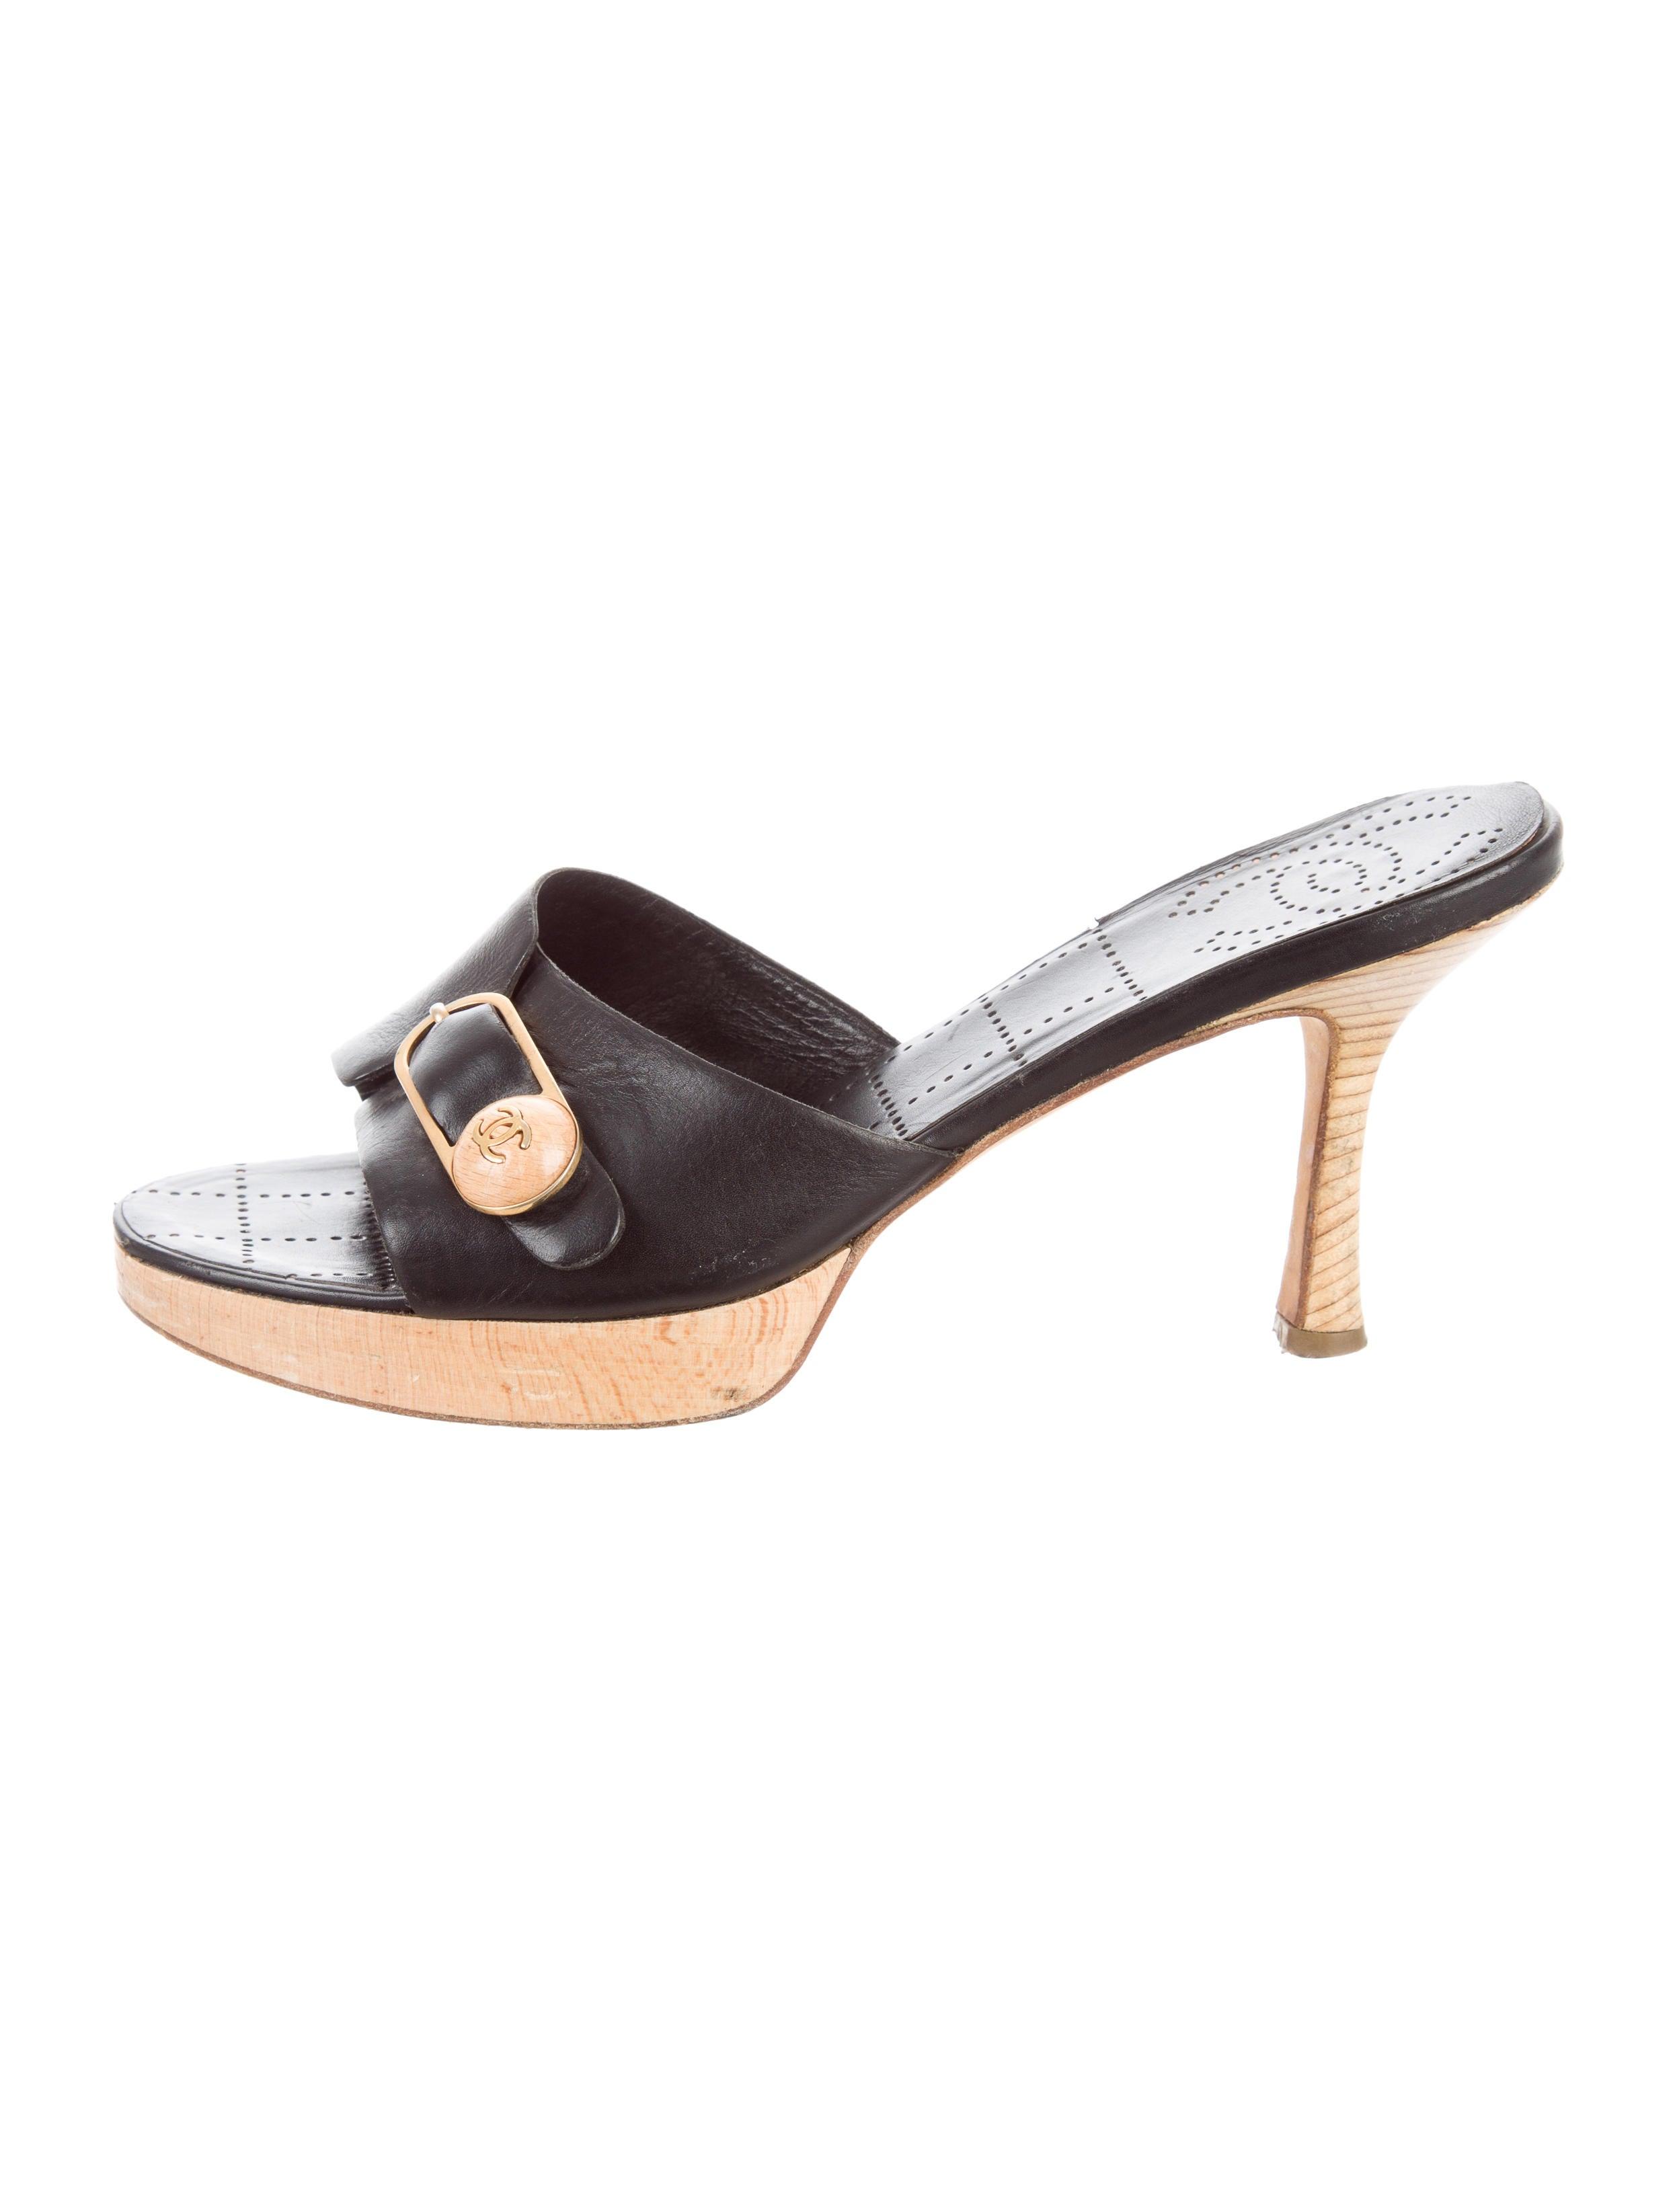 chanel slide sandals   28 images   chanel camellia slide